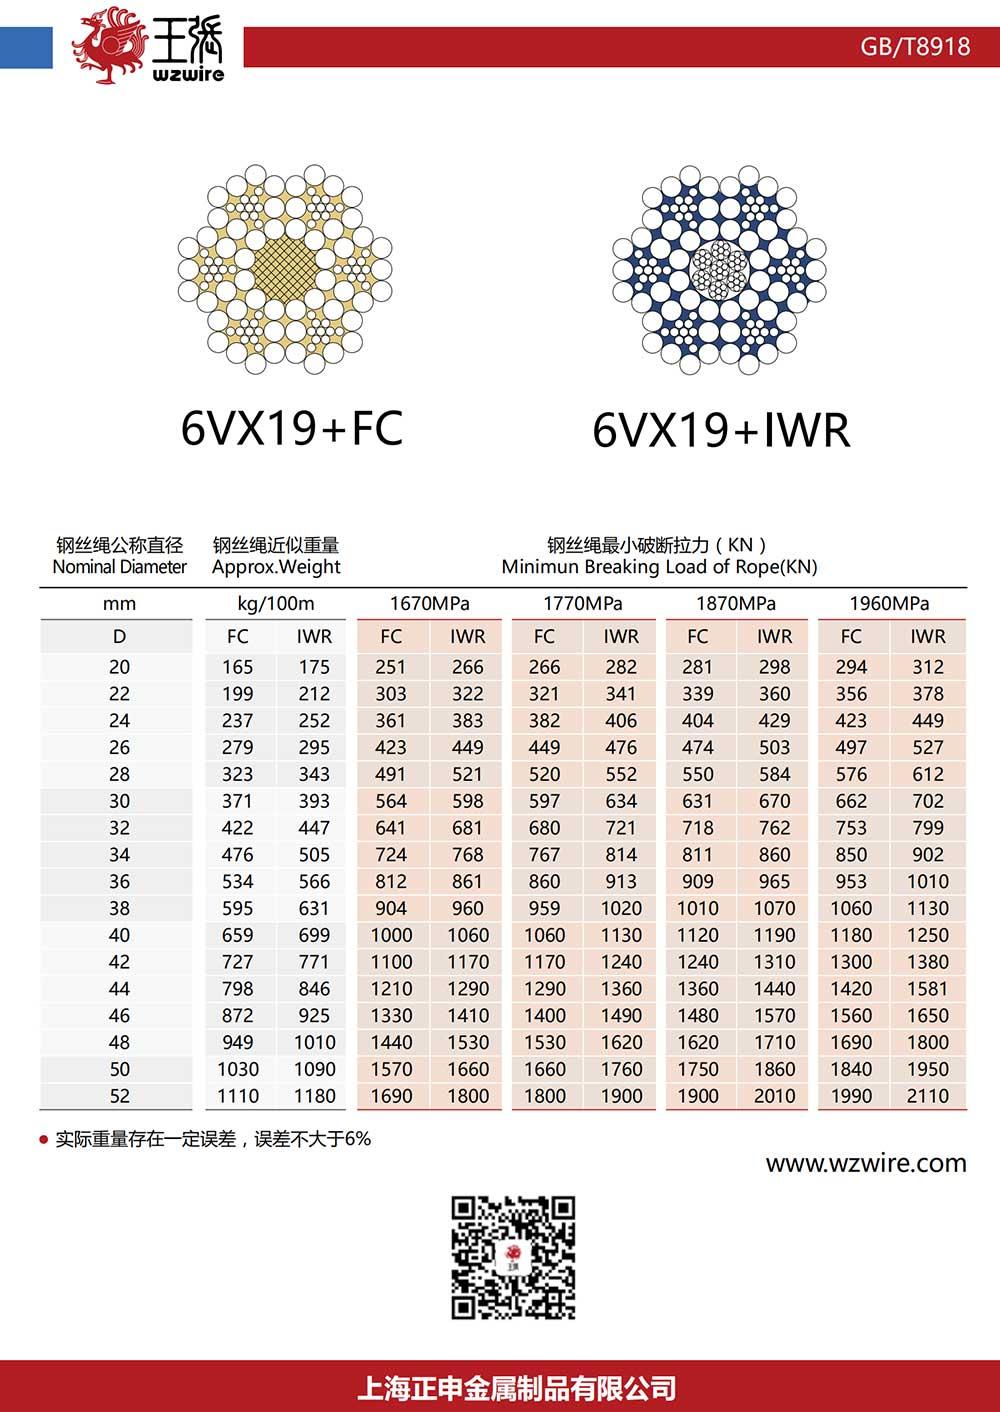 鋼絲繩6VX19+FC、6VX19+IWR價格,鋼絲繩6VX19+FC、6VX19+IWR批發,鋼絲繩6VX19+FC、6VX19+IWR公司